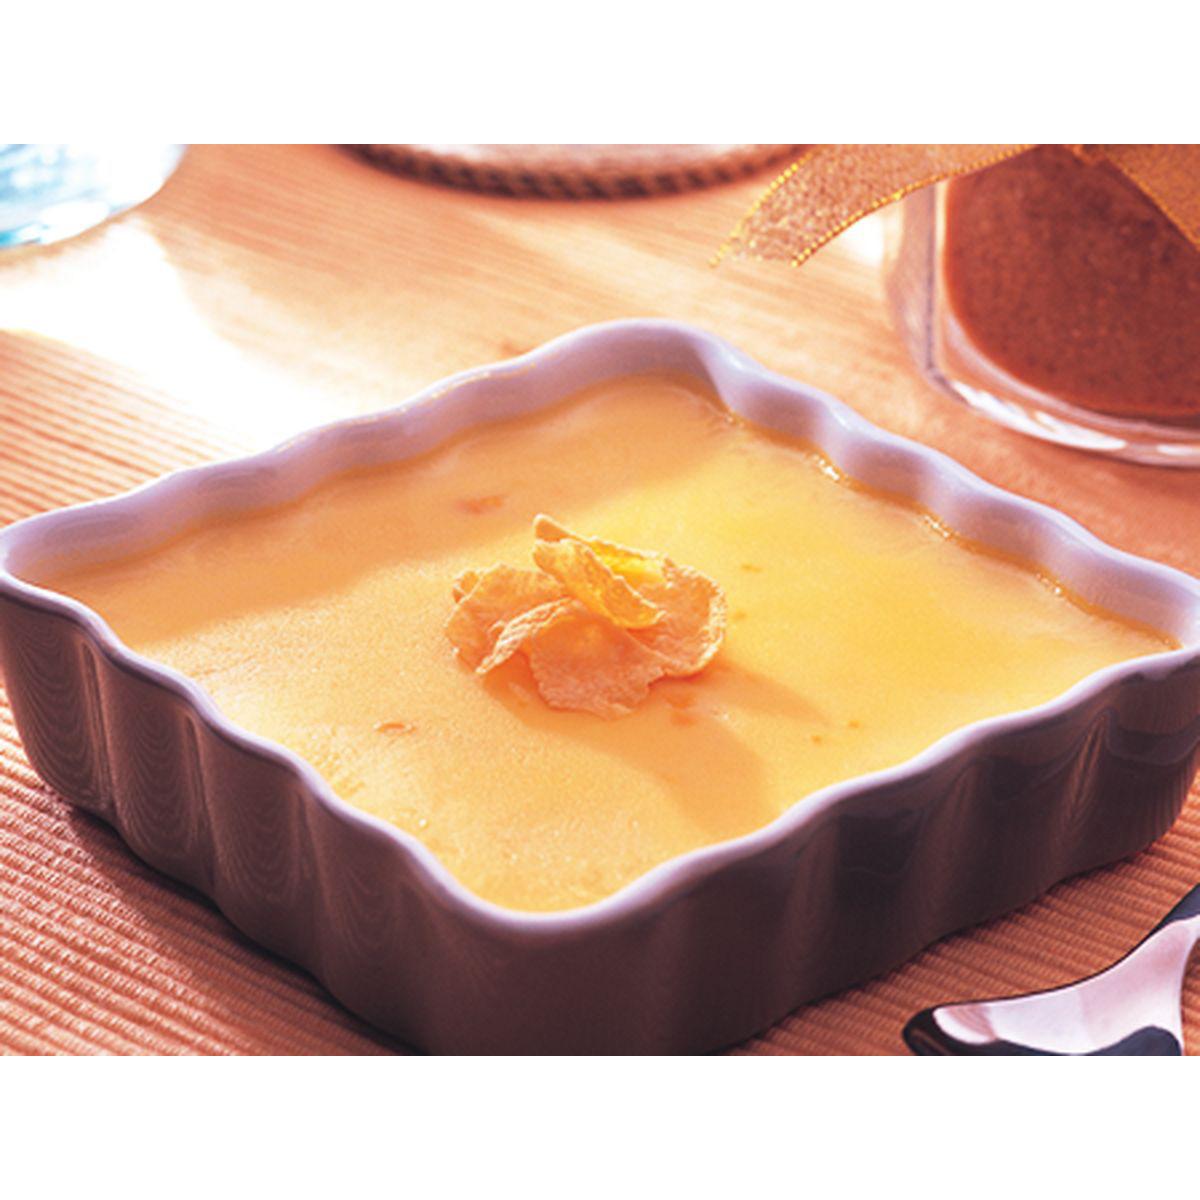 食譜:豆奶玉米布丁